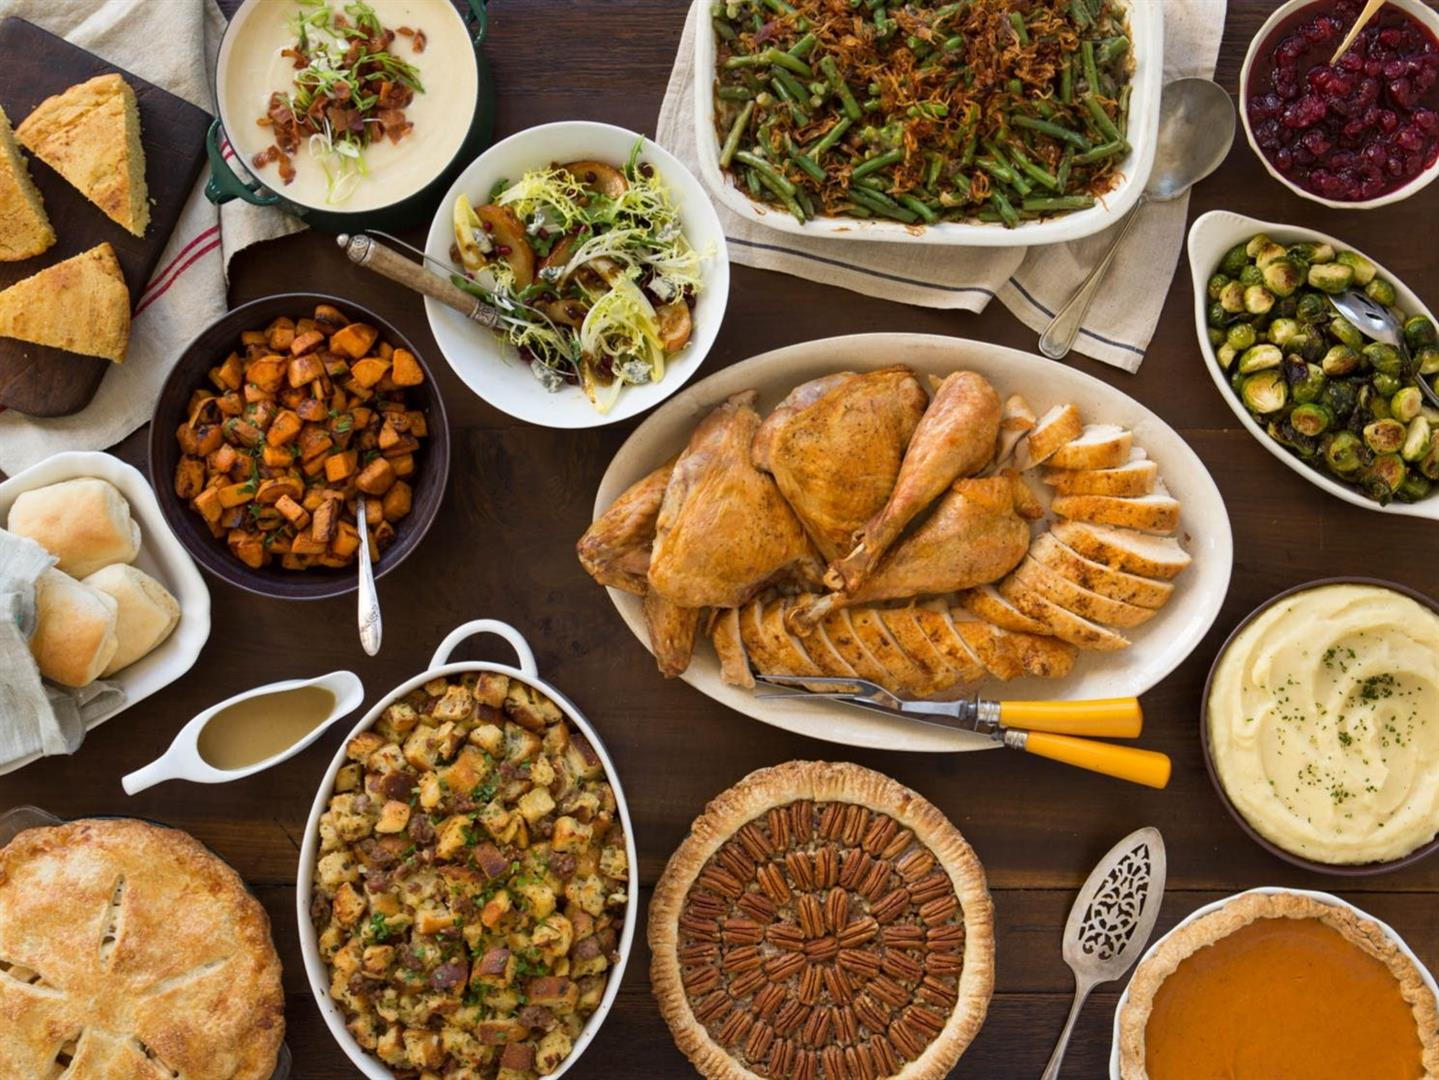 Beslenme Şeklimiz Bize Kişiliğimizi Fısıldıyor